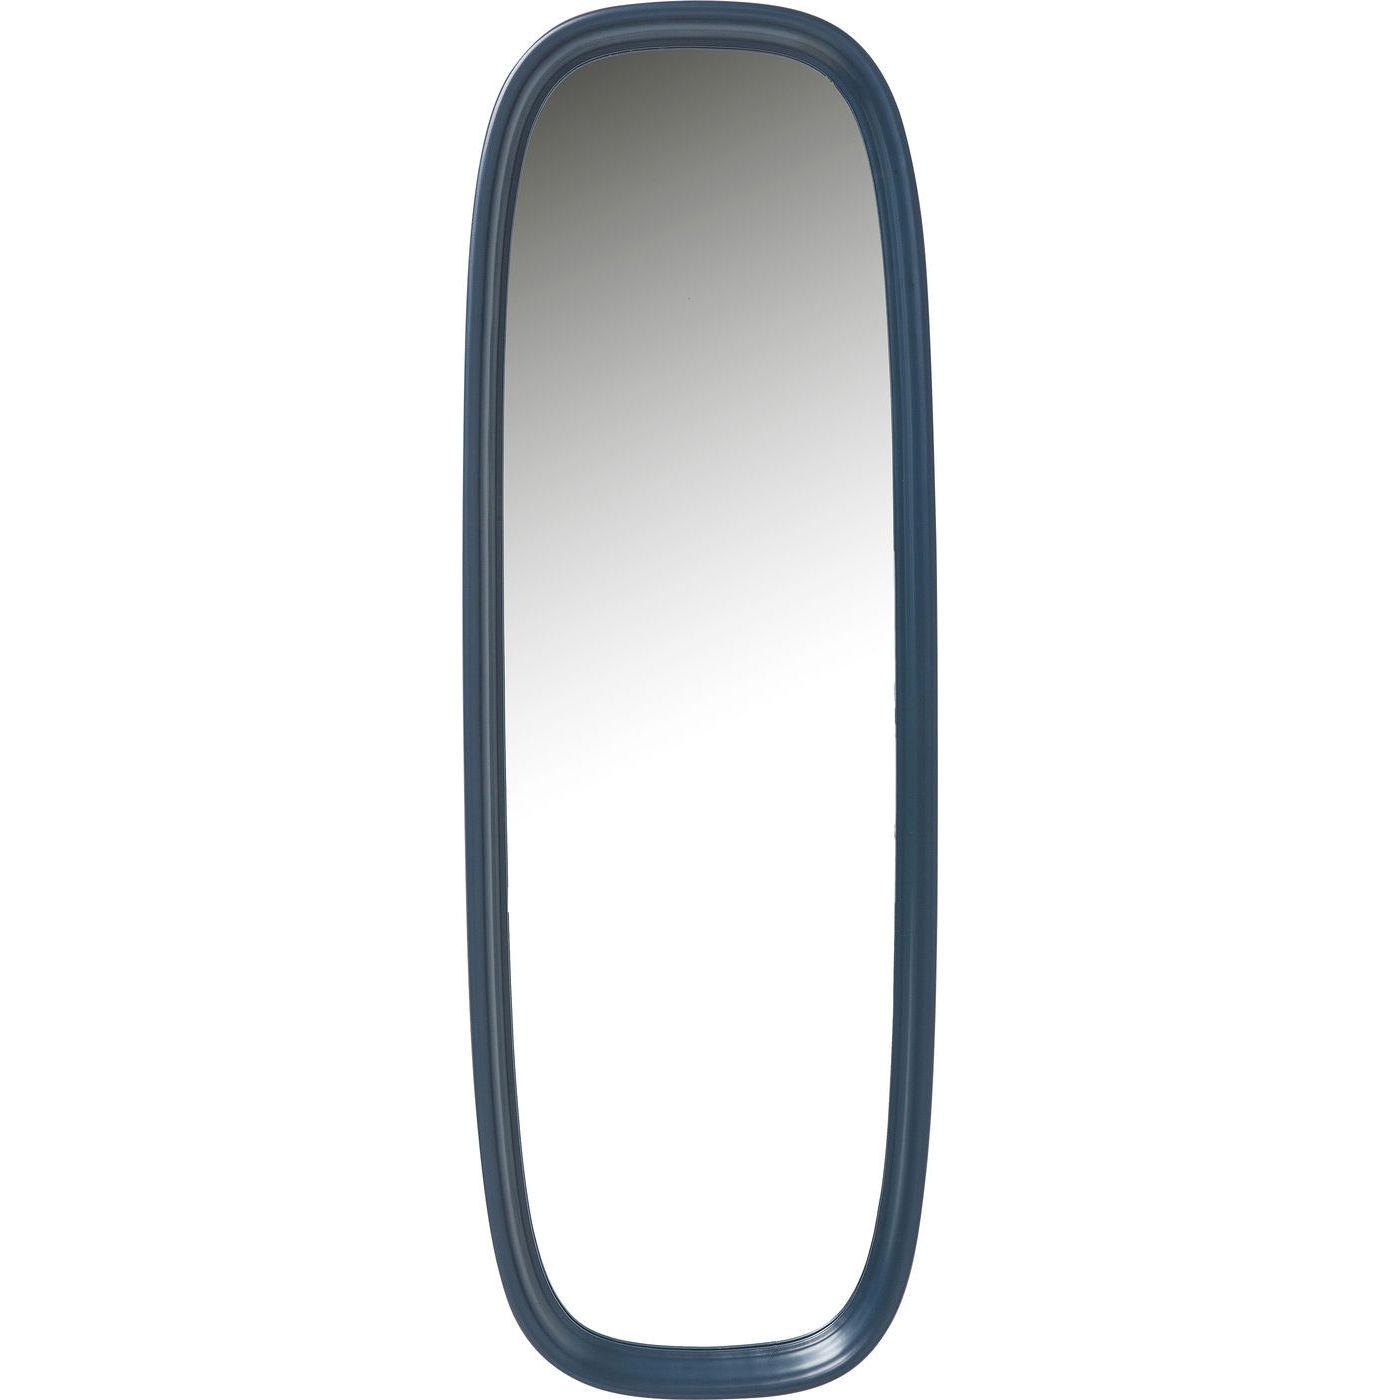 kare design – Kare design salto bluegreen vægspejl - spejlglas og blå/grønt plastik (140x80) på boboonline.dk